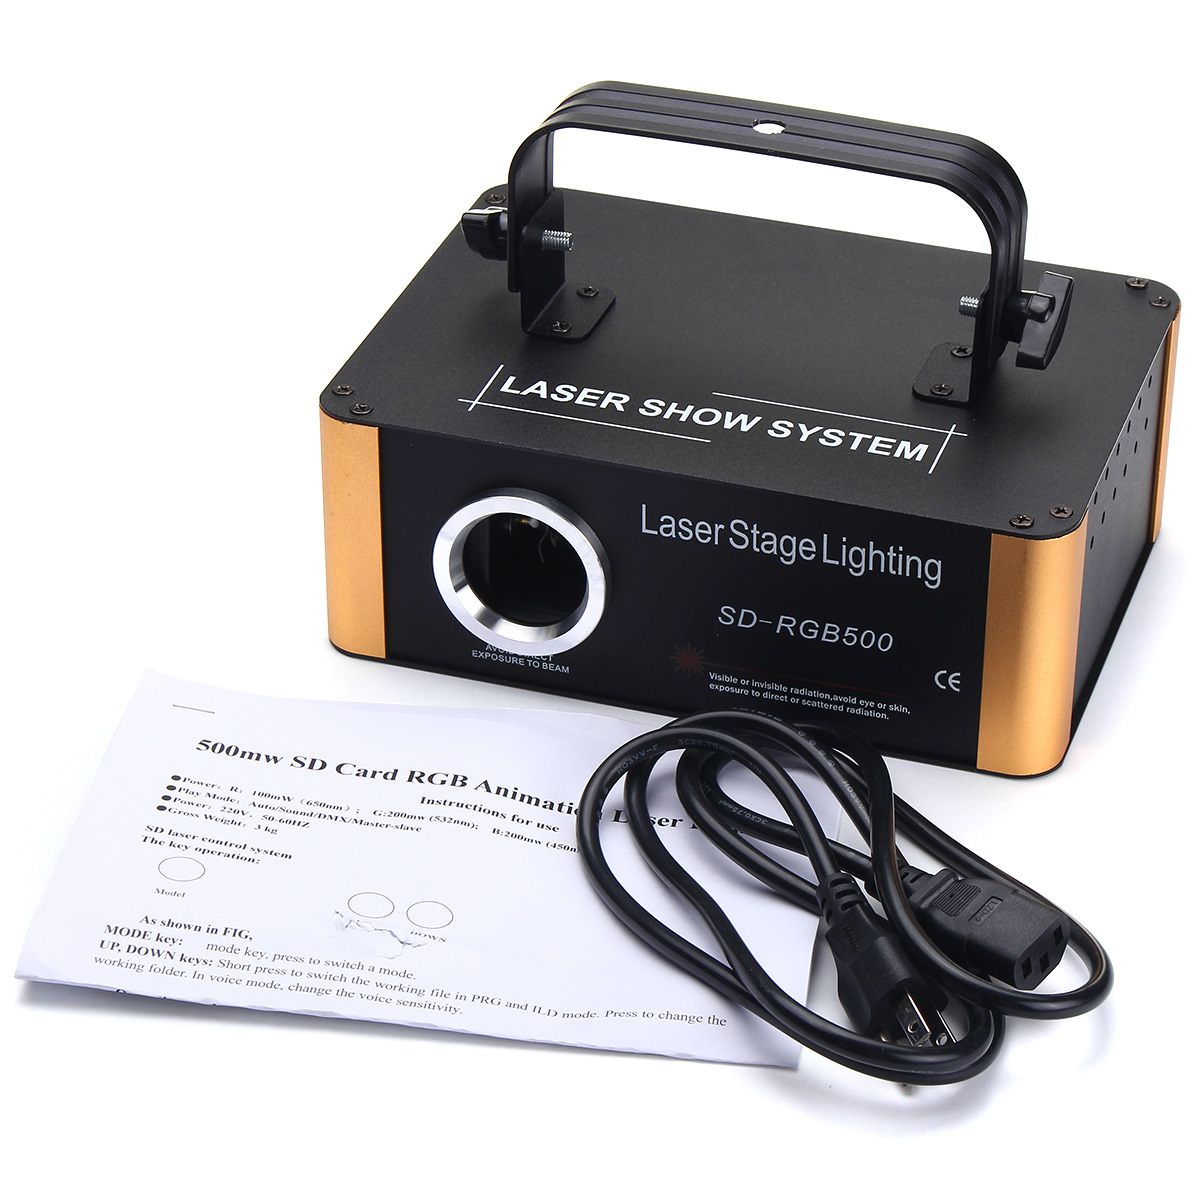 ARILUX 20 Вт 200 шаблоны RGB сценическое Лазерное освещение лампа DIY узор для sd карты дисплей ДИСКО Лазерная лампа для KTV Pub Вечерние